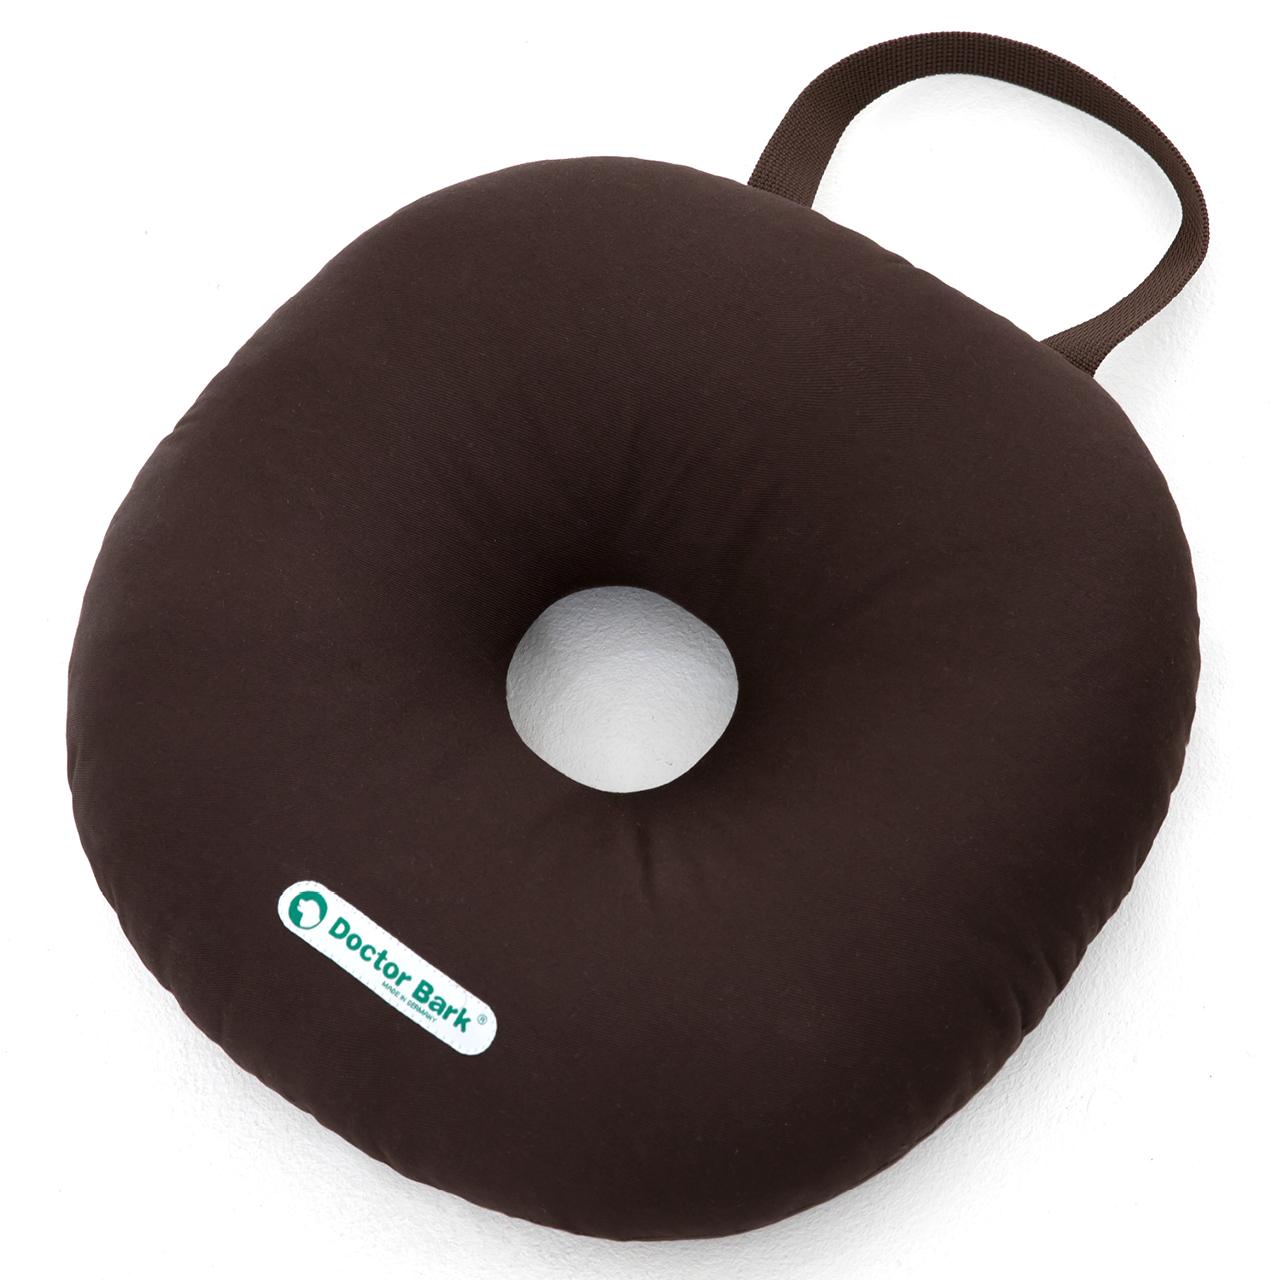 Toy Donut - round S braun